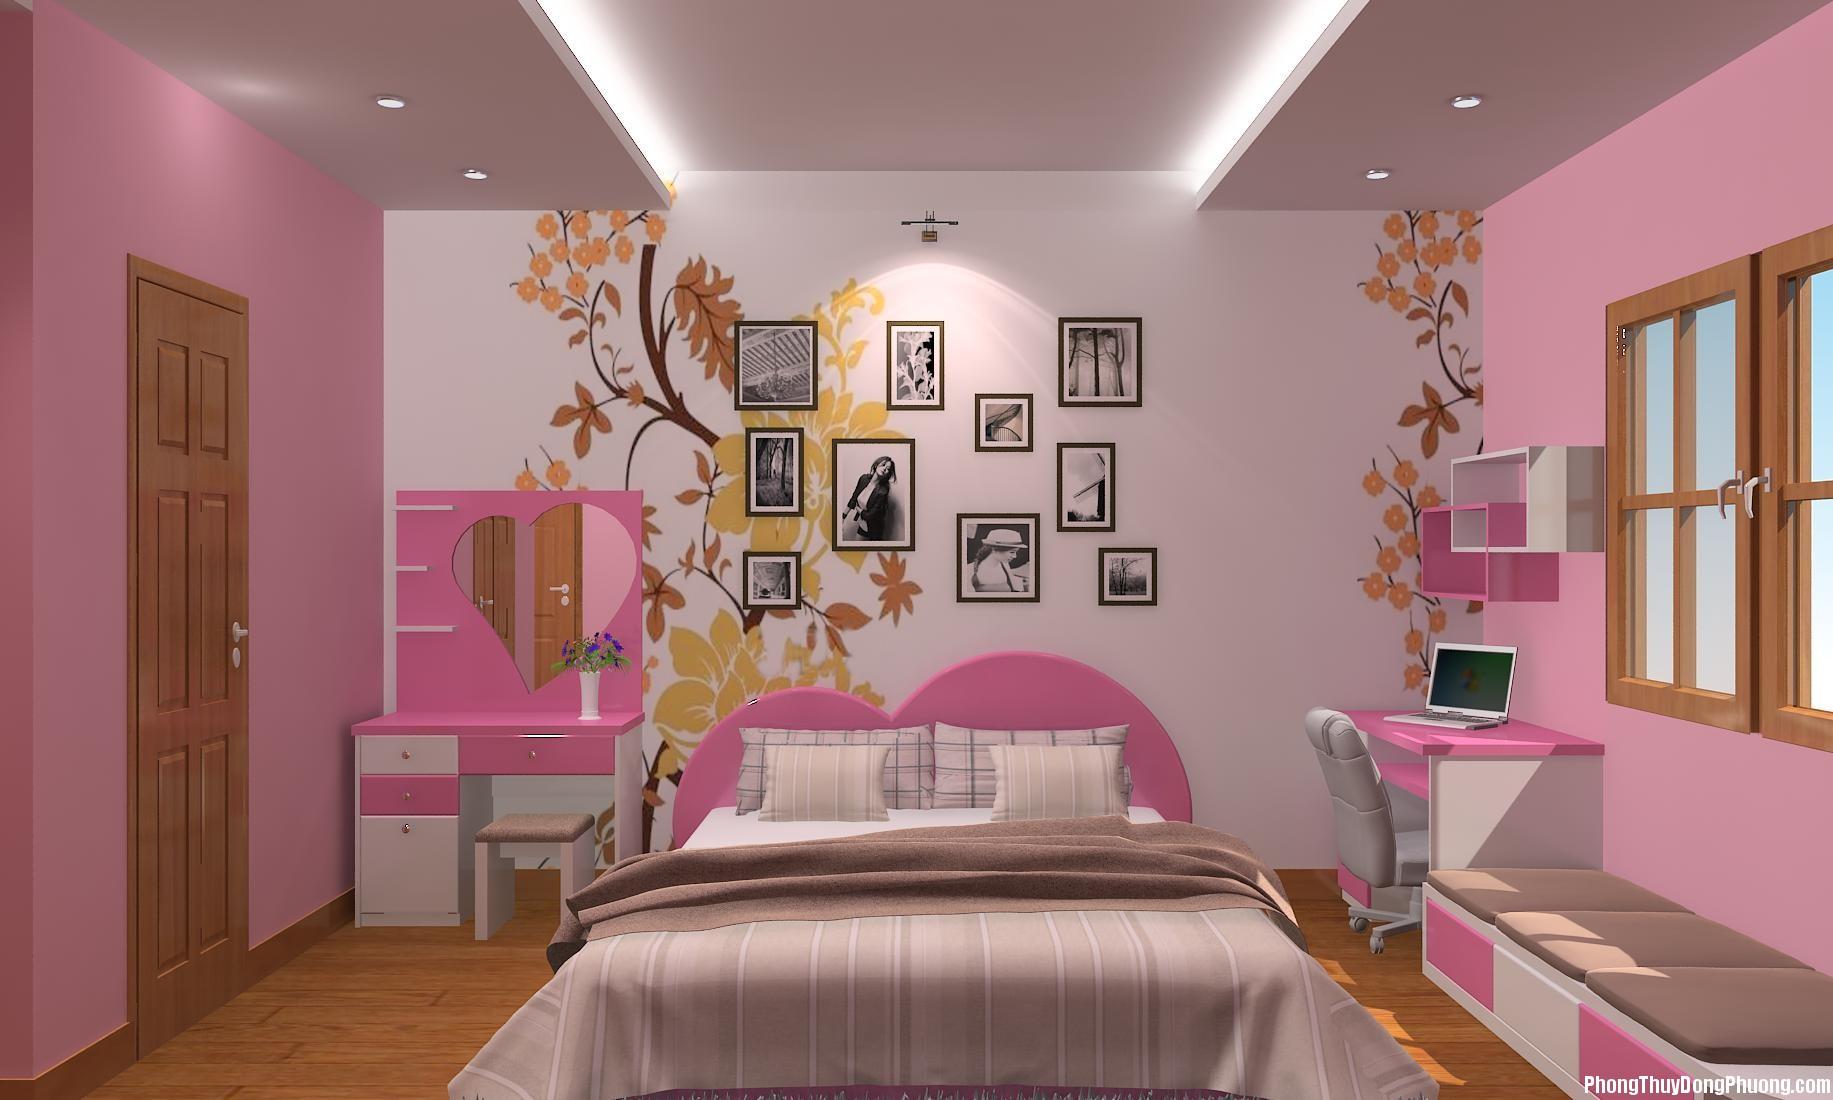 G2 Chọn màu sắc cho phòng ngủ